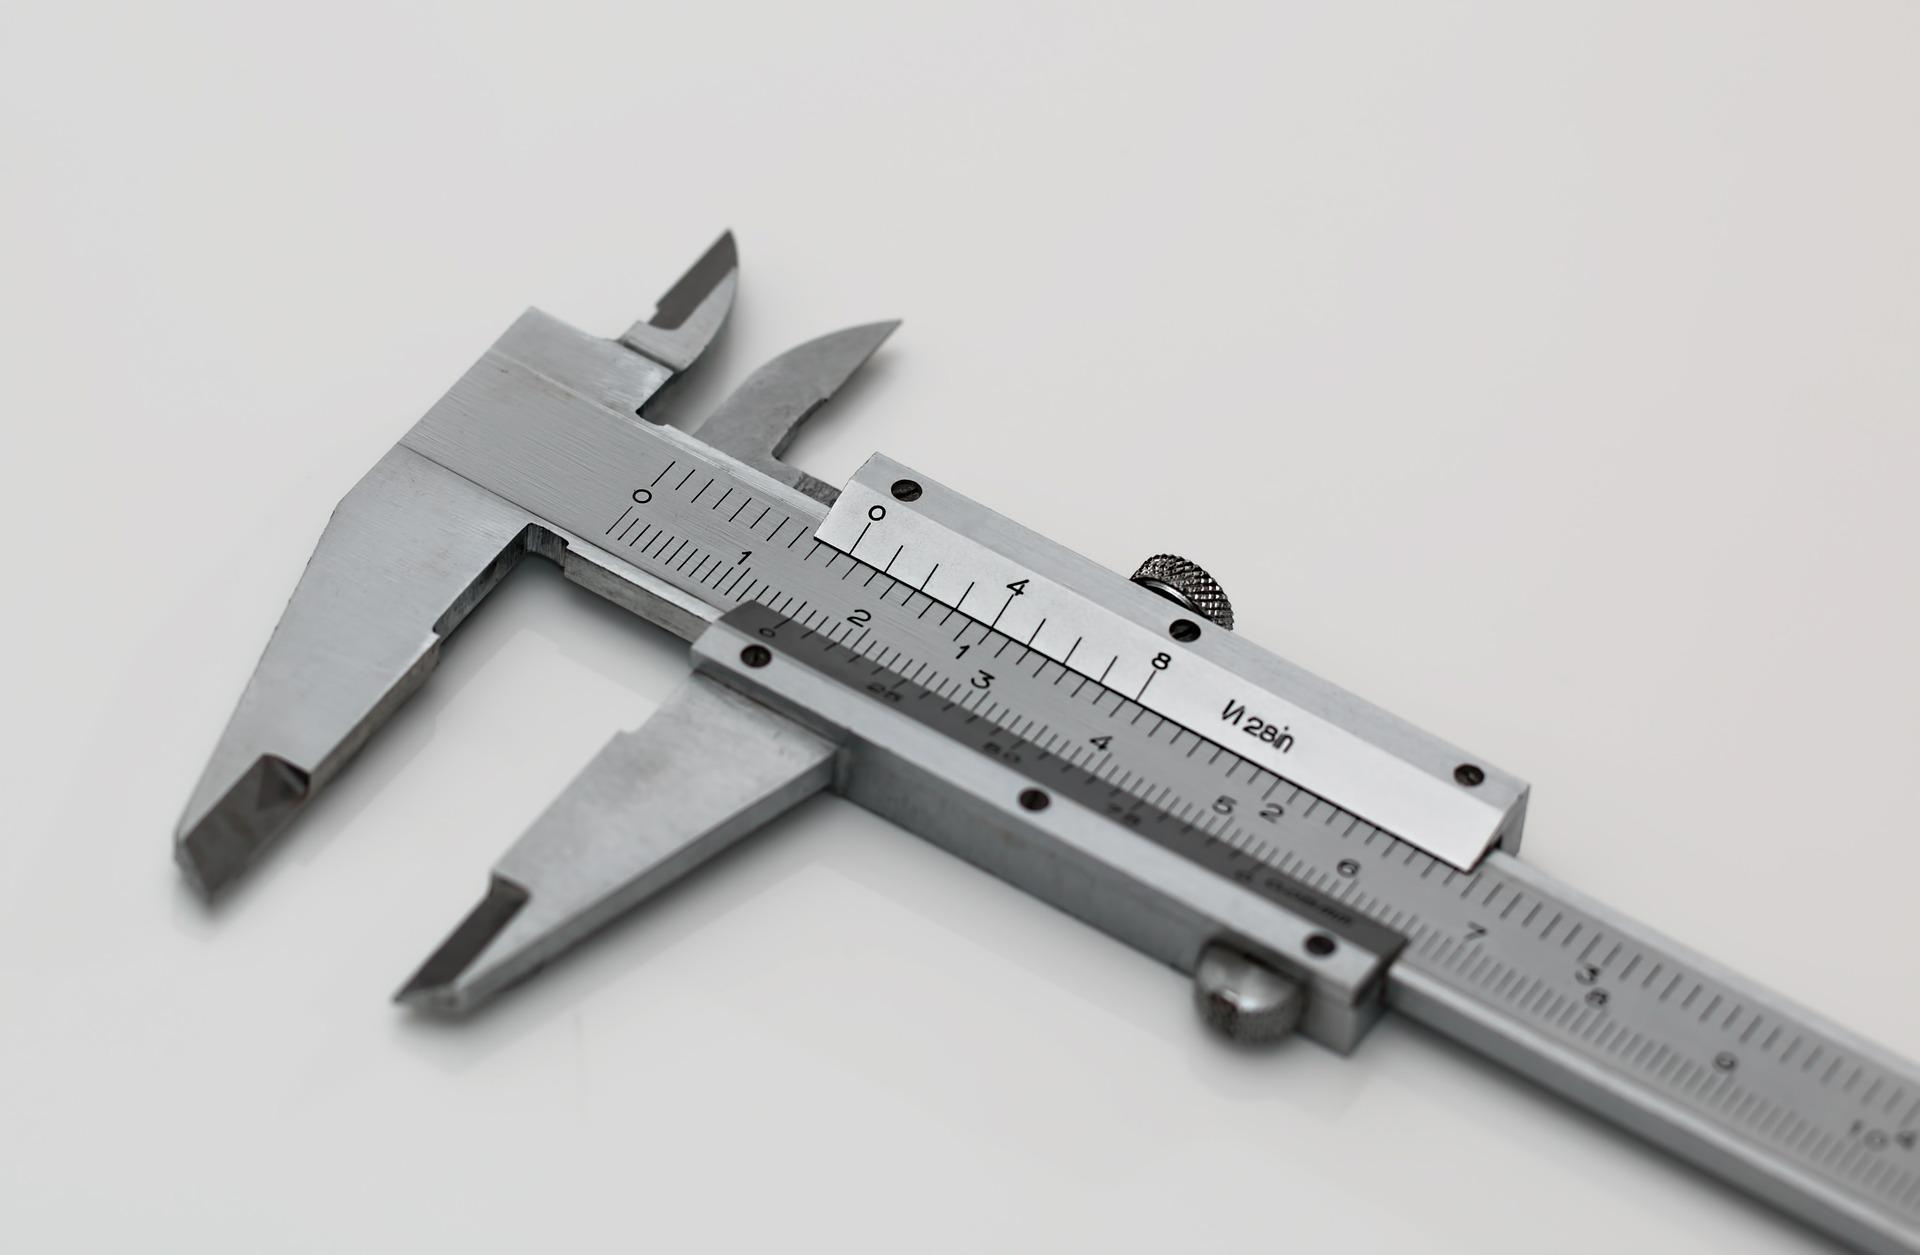 Messschieber - Massgenaue Zuschnitte aus Stahl, Edelstahl, Aluminium